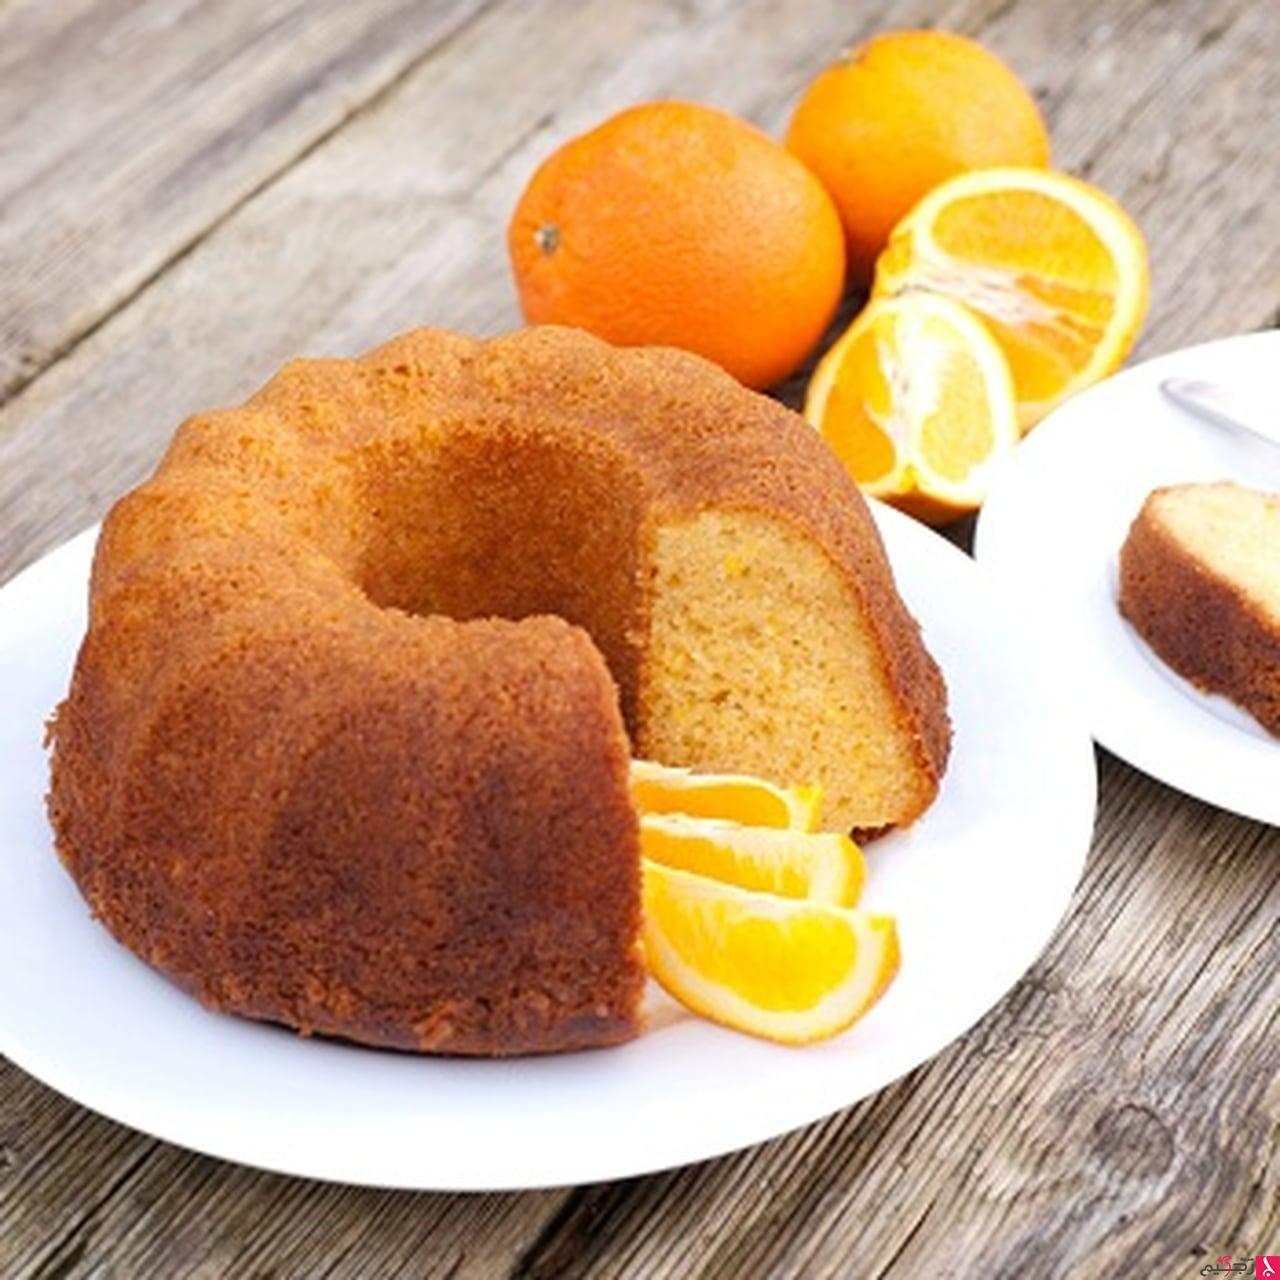 صورة كيكة لمرضى السكر , بسهولة وبدون صرر اصنعي كيكة لمريض السكر